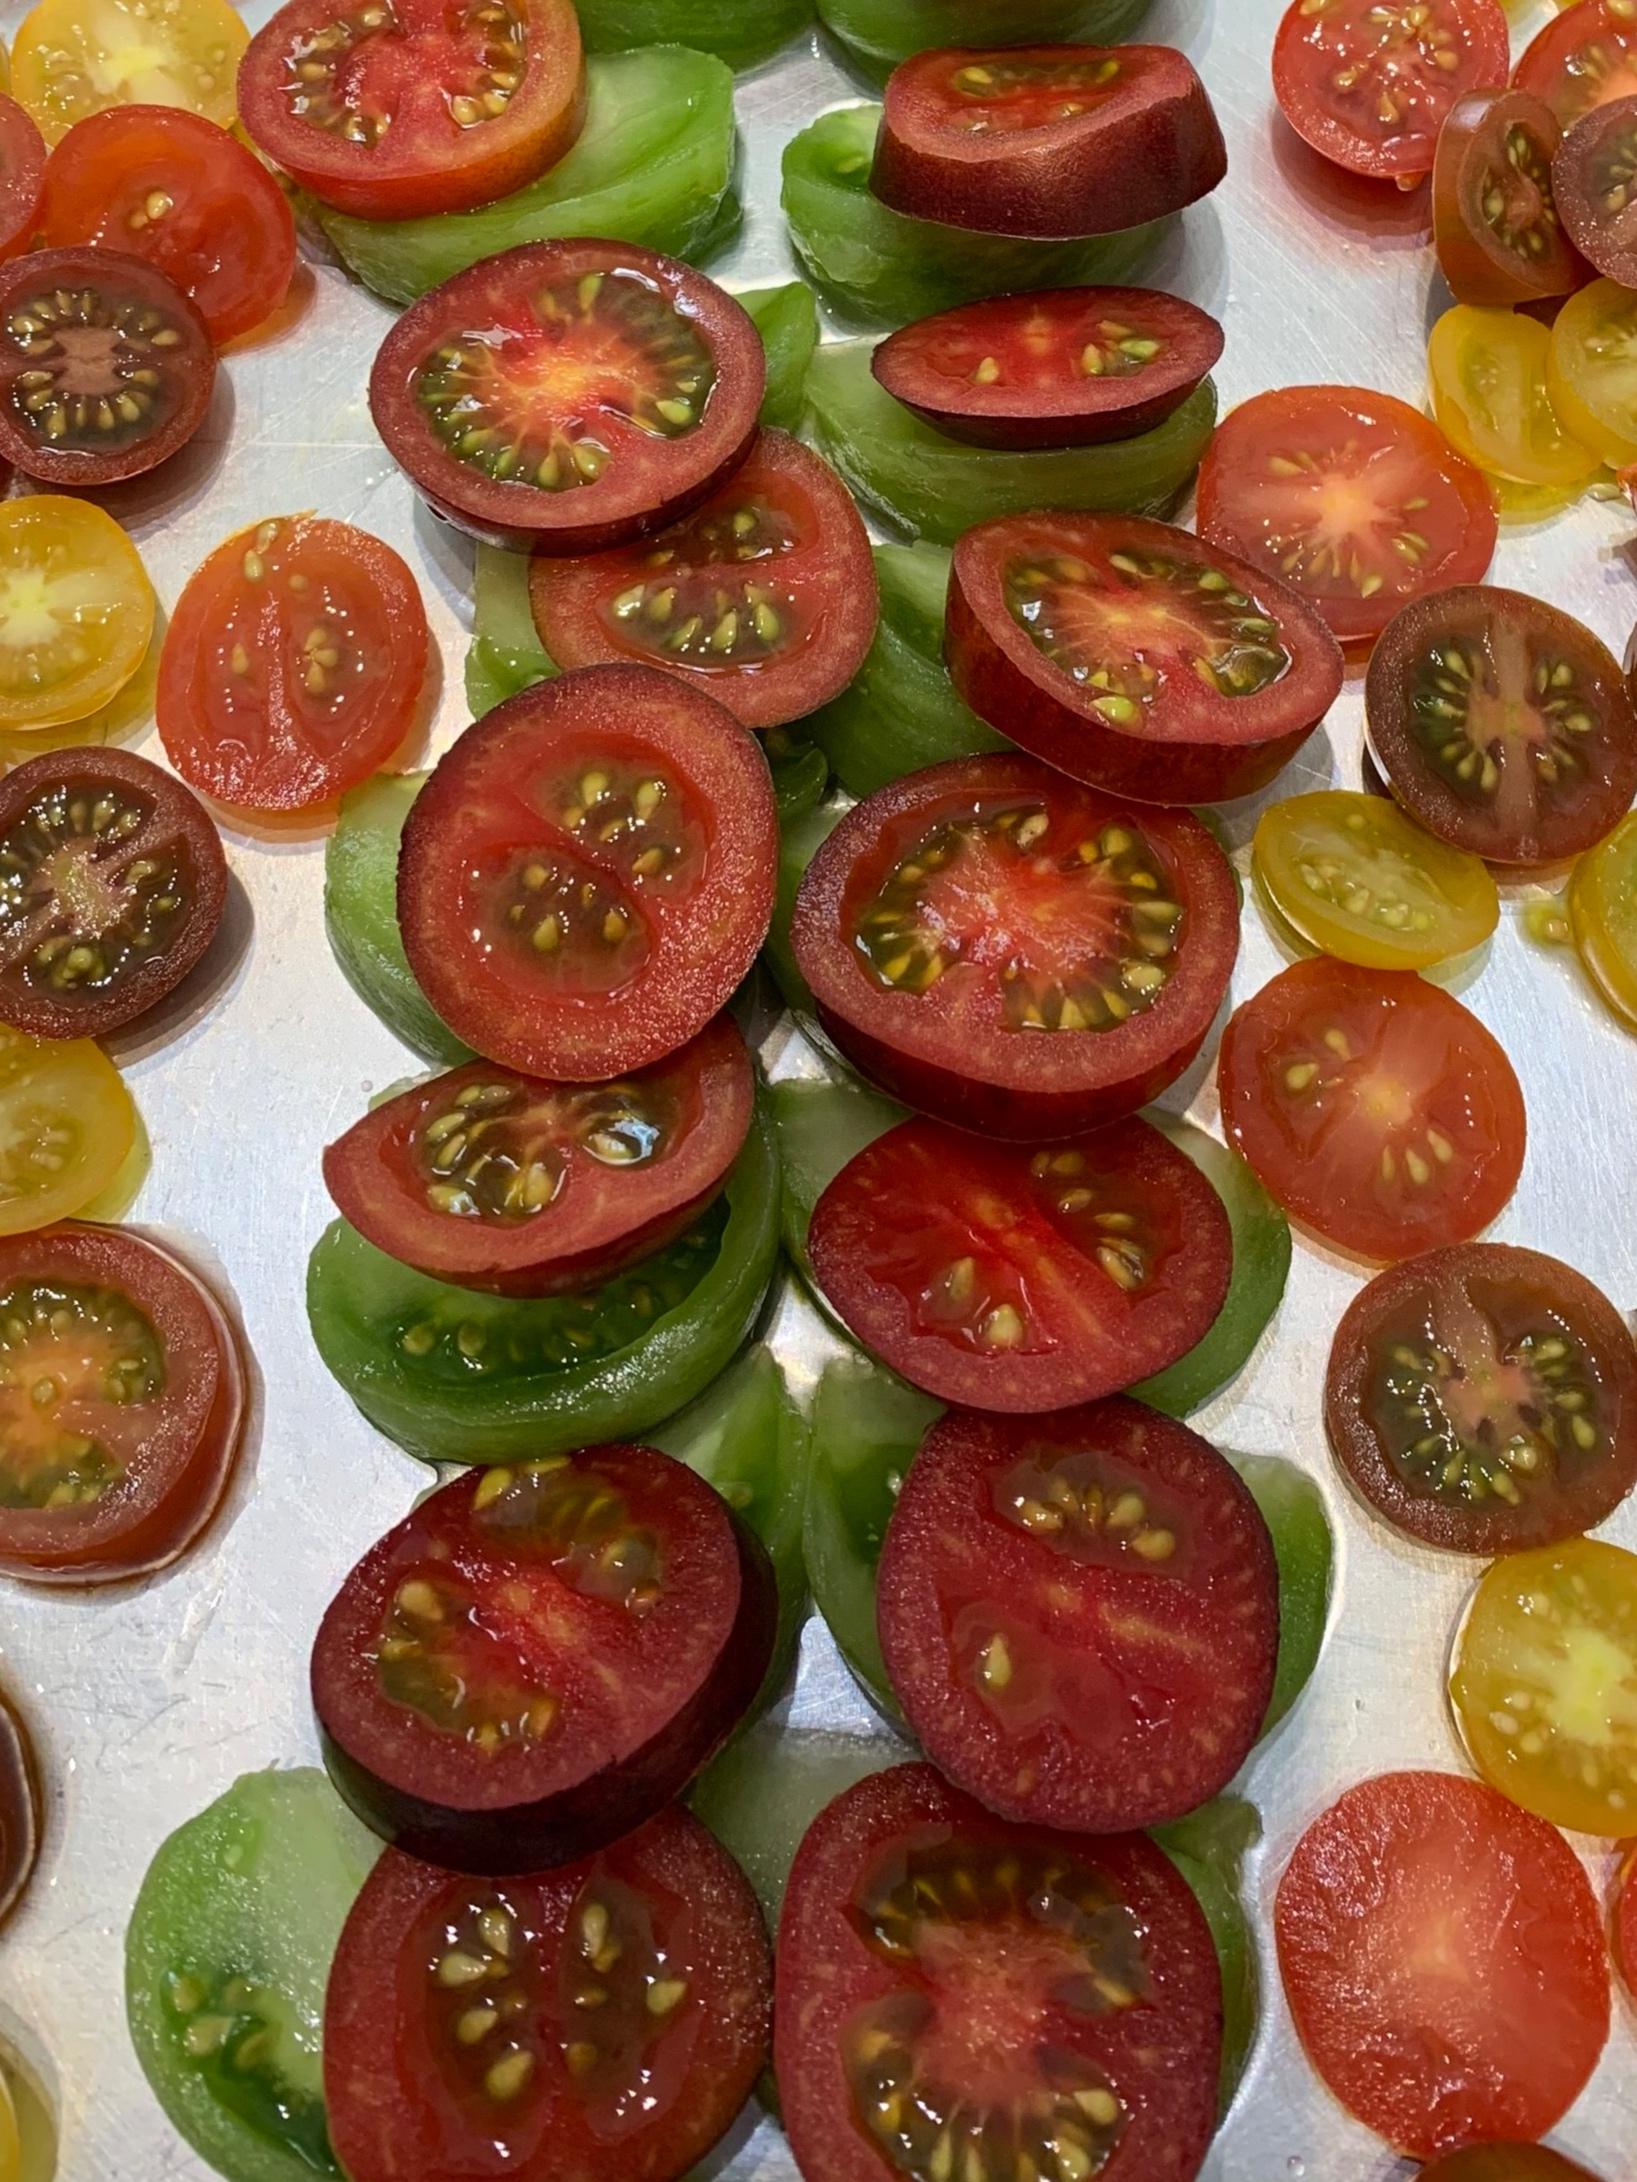 IMG_6316-tomate+cerise+multicolored.jpg